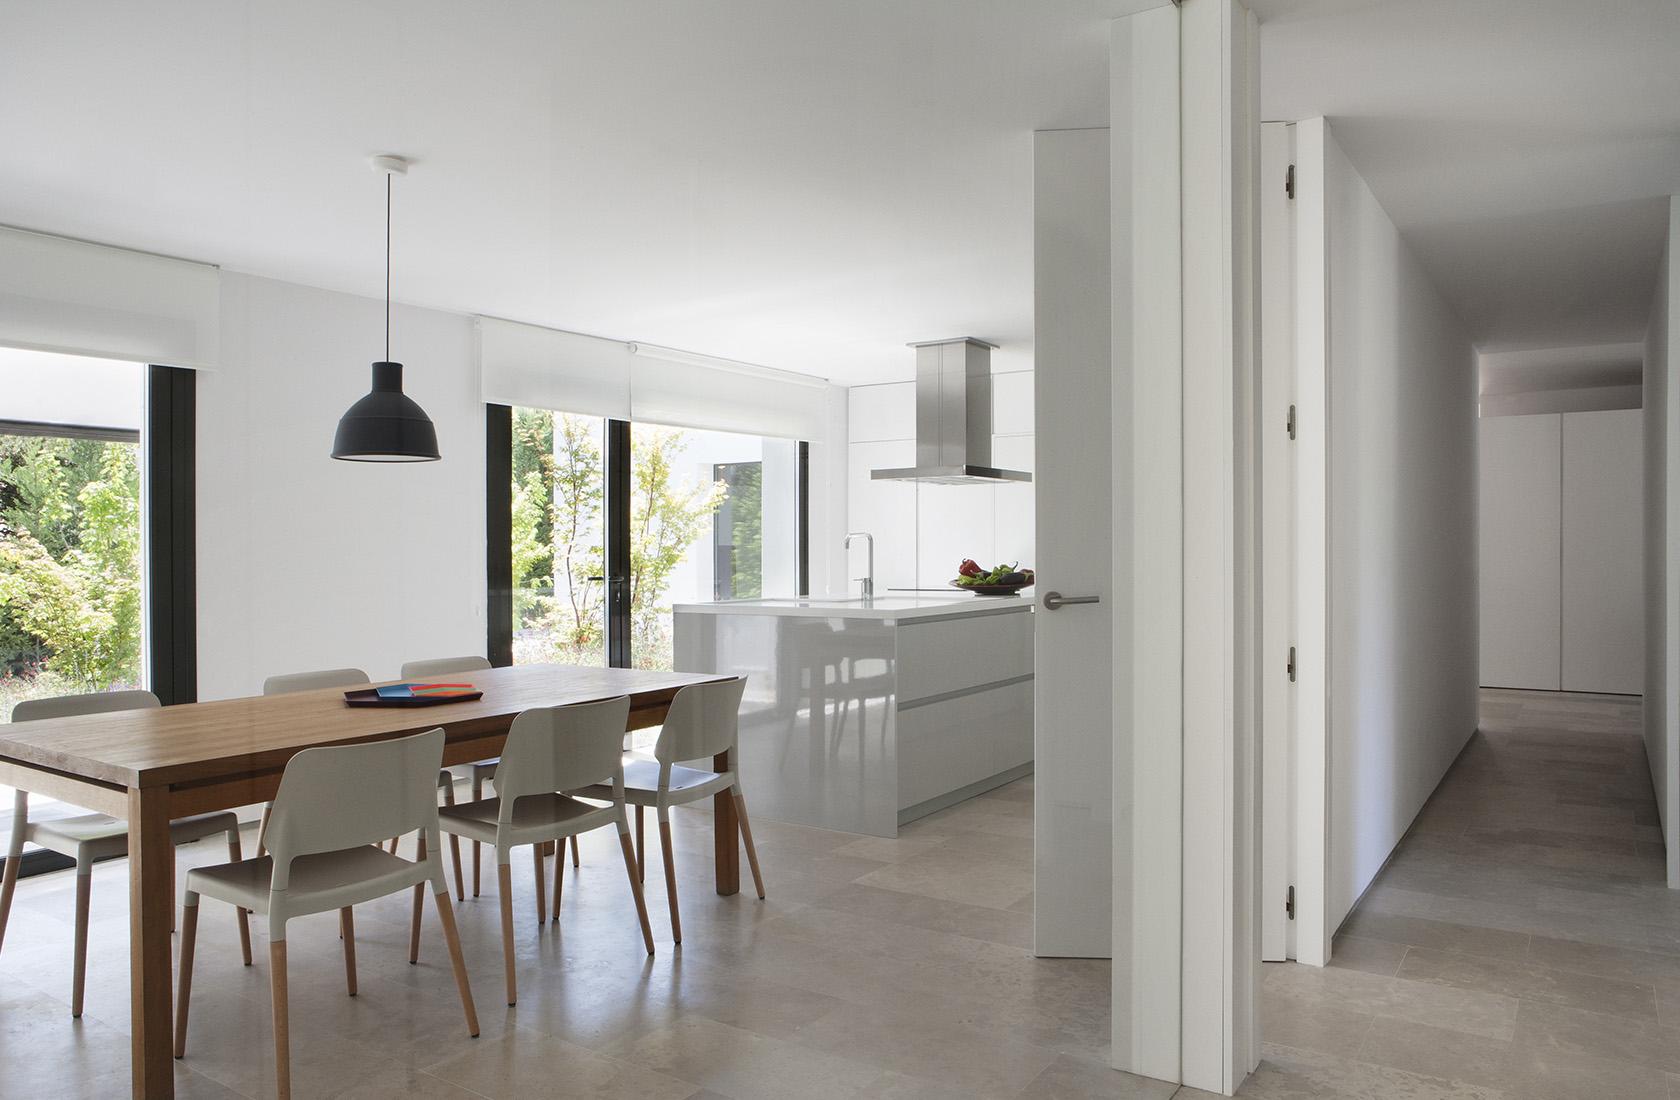 Acceso a la cocina con office de la vivienda reformada integralmente en La Moraleja